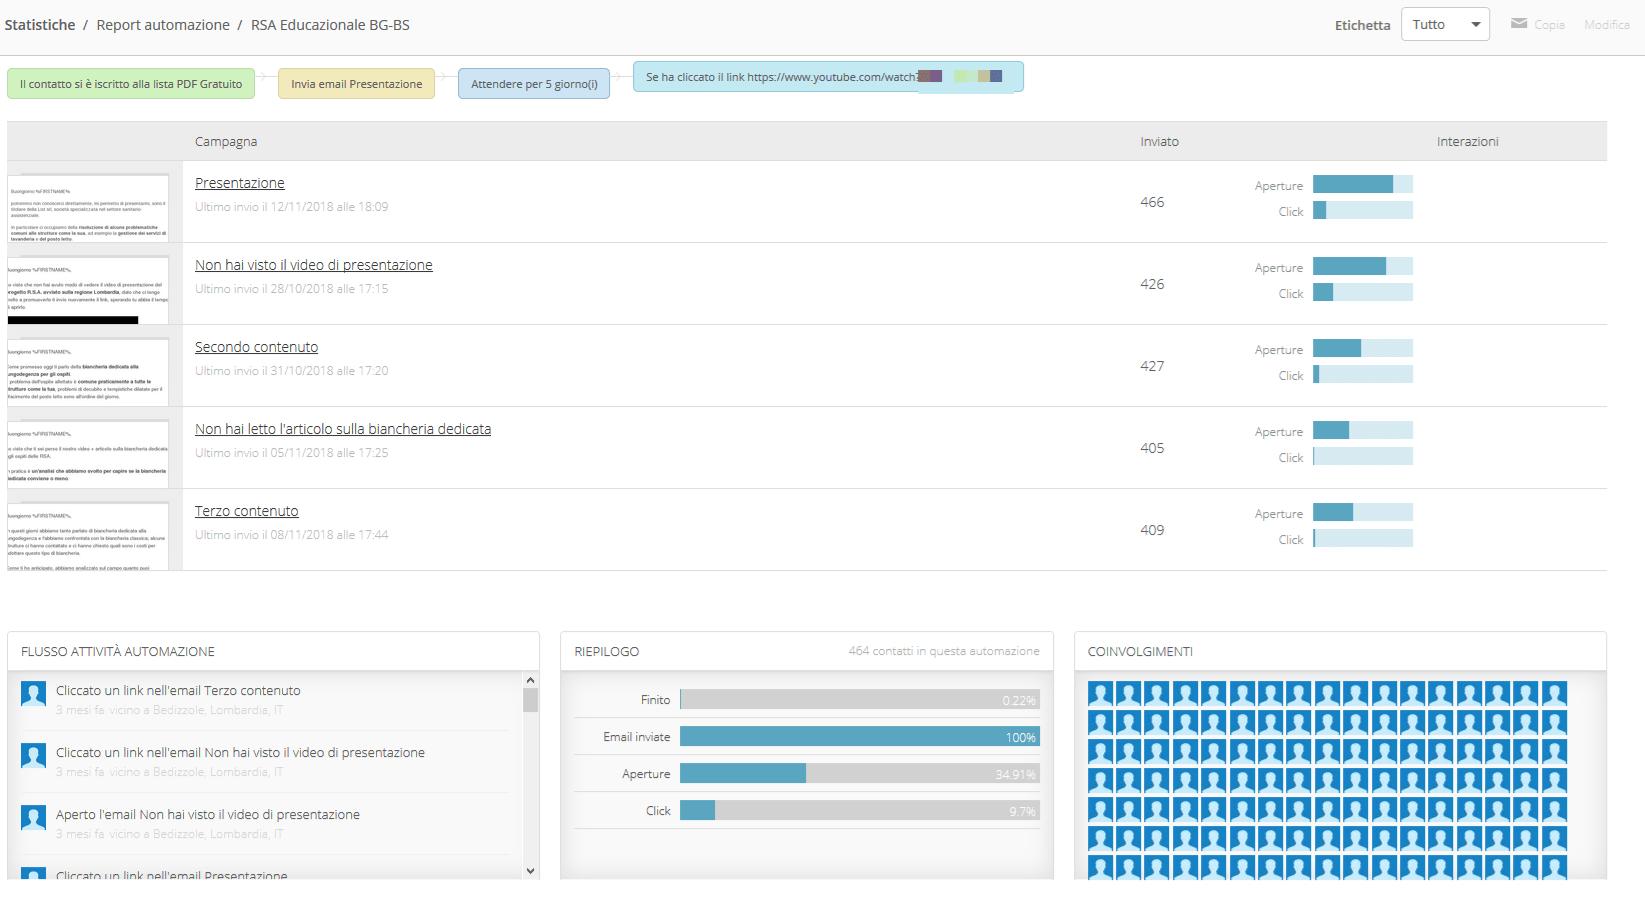 Statistiche di Active Campaign sul caso studio